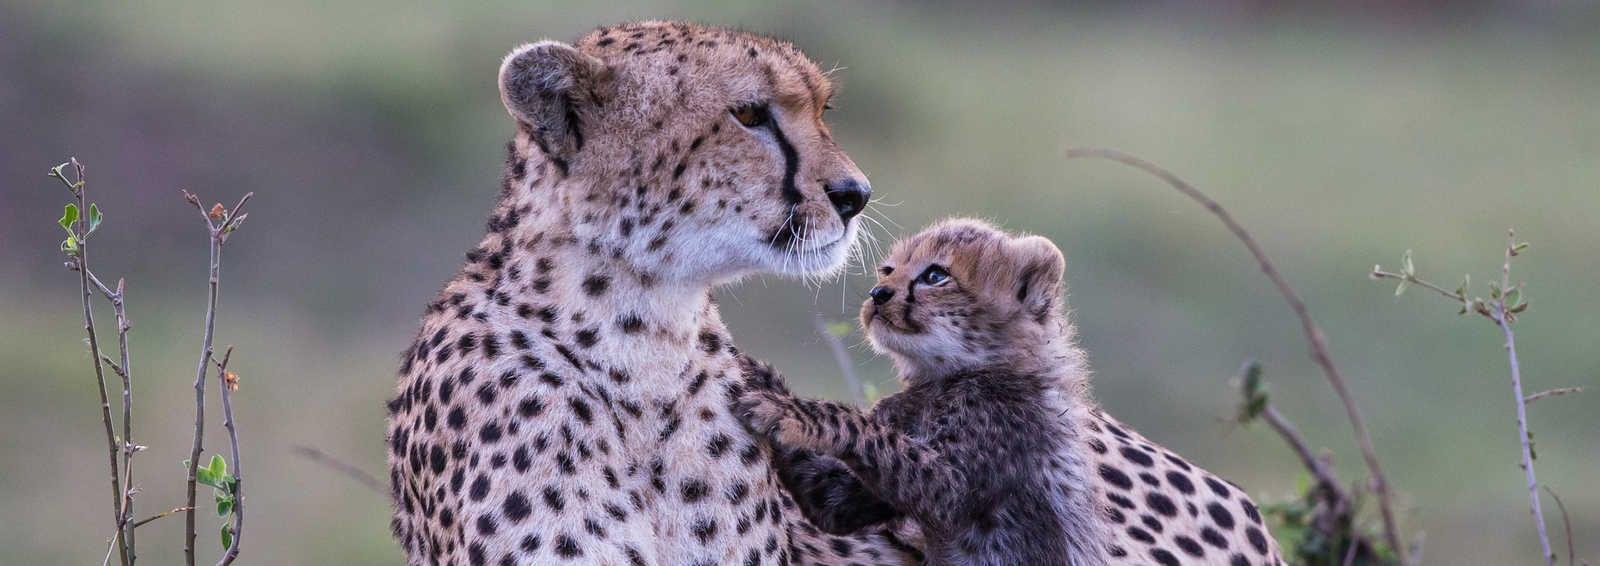 Cheetah and cubs, Masai Mara - Copyright Paul Goldstein